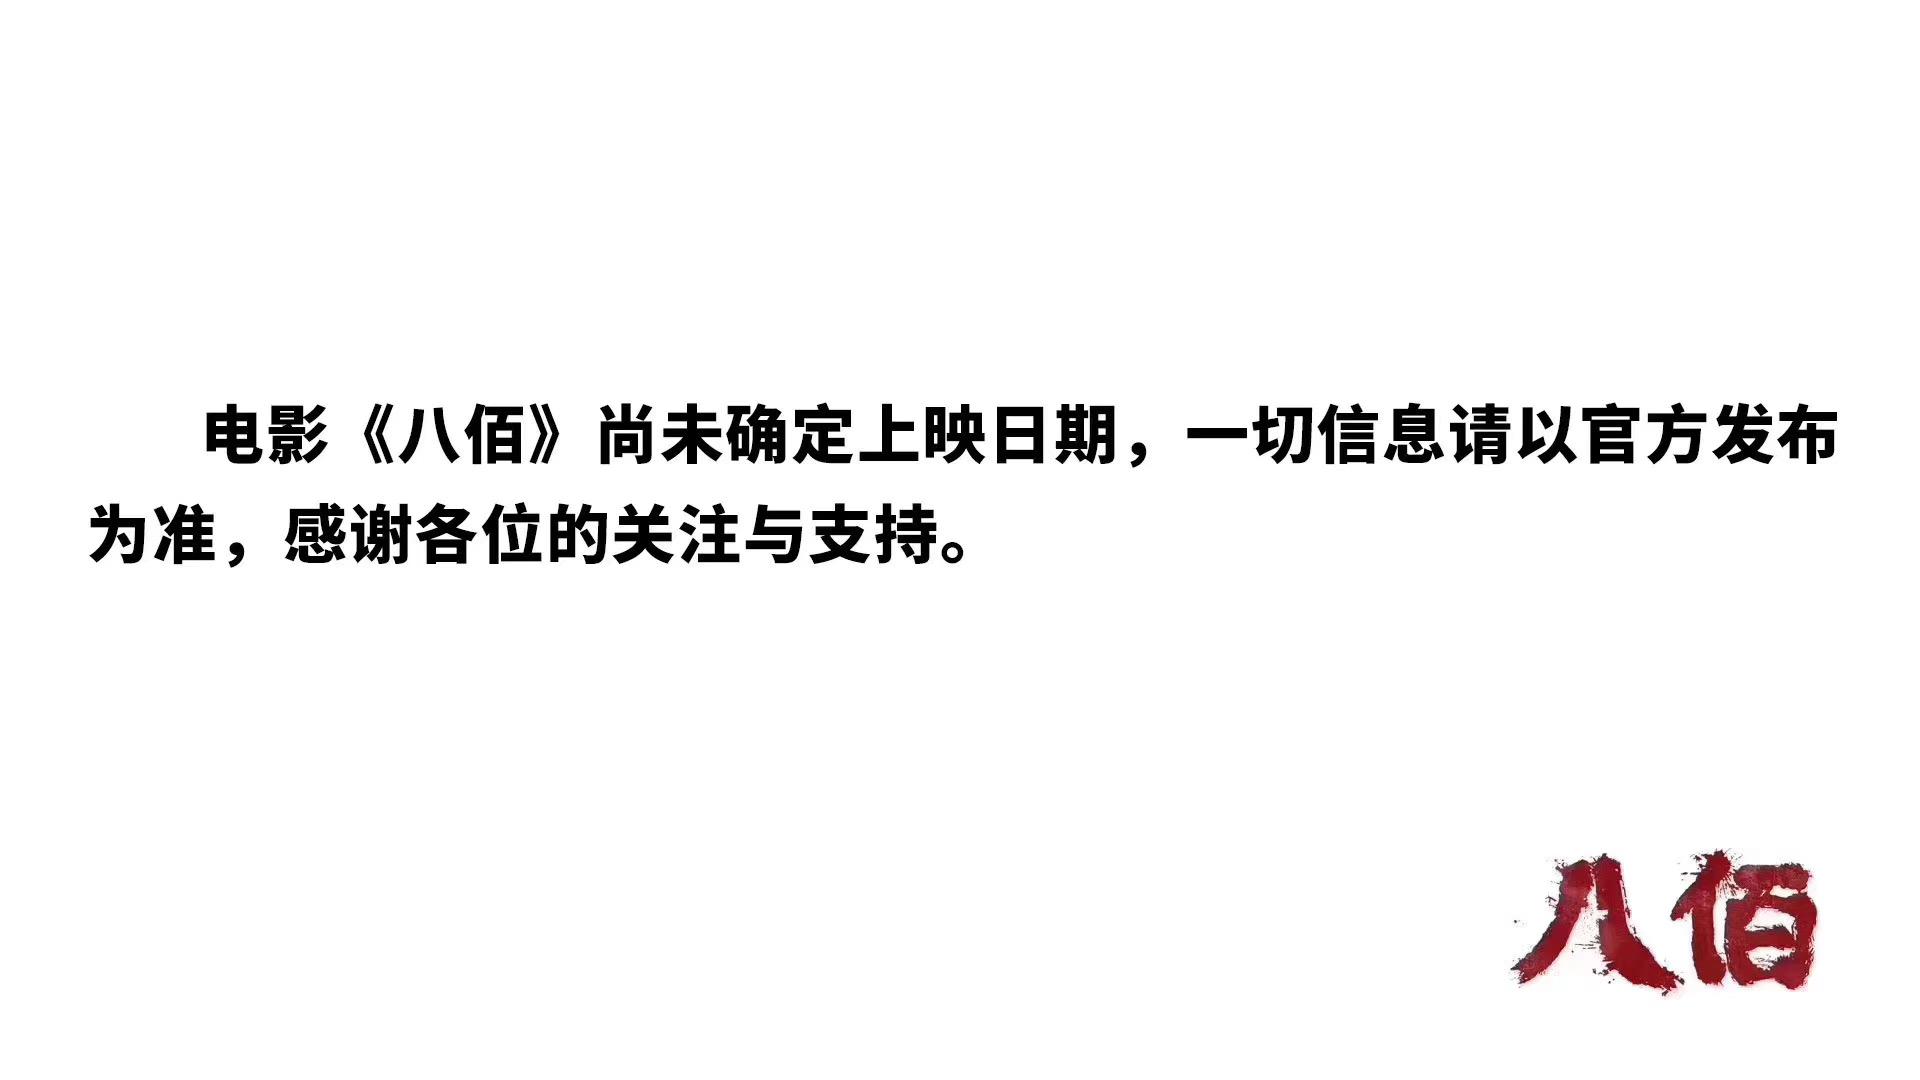 送彩金团队群·江苏一女中学生被多名未成年人殴打 警方介入调查